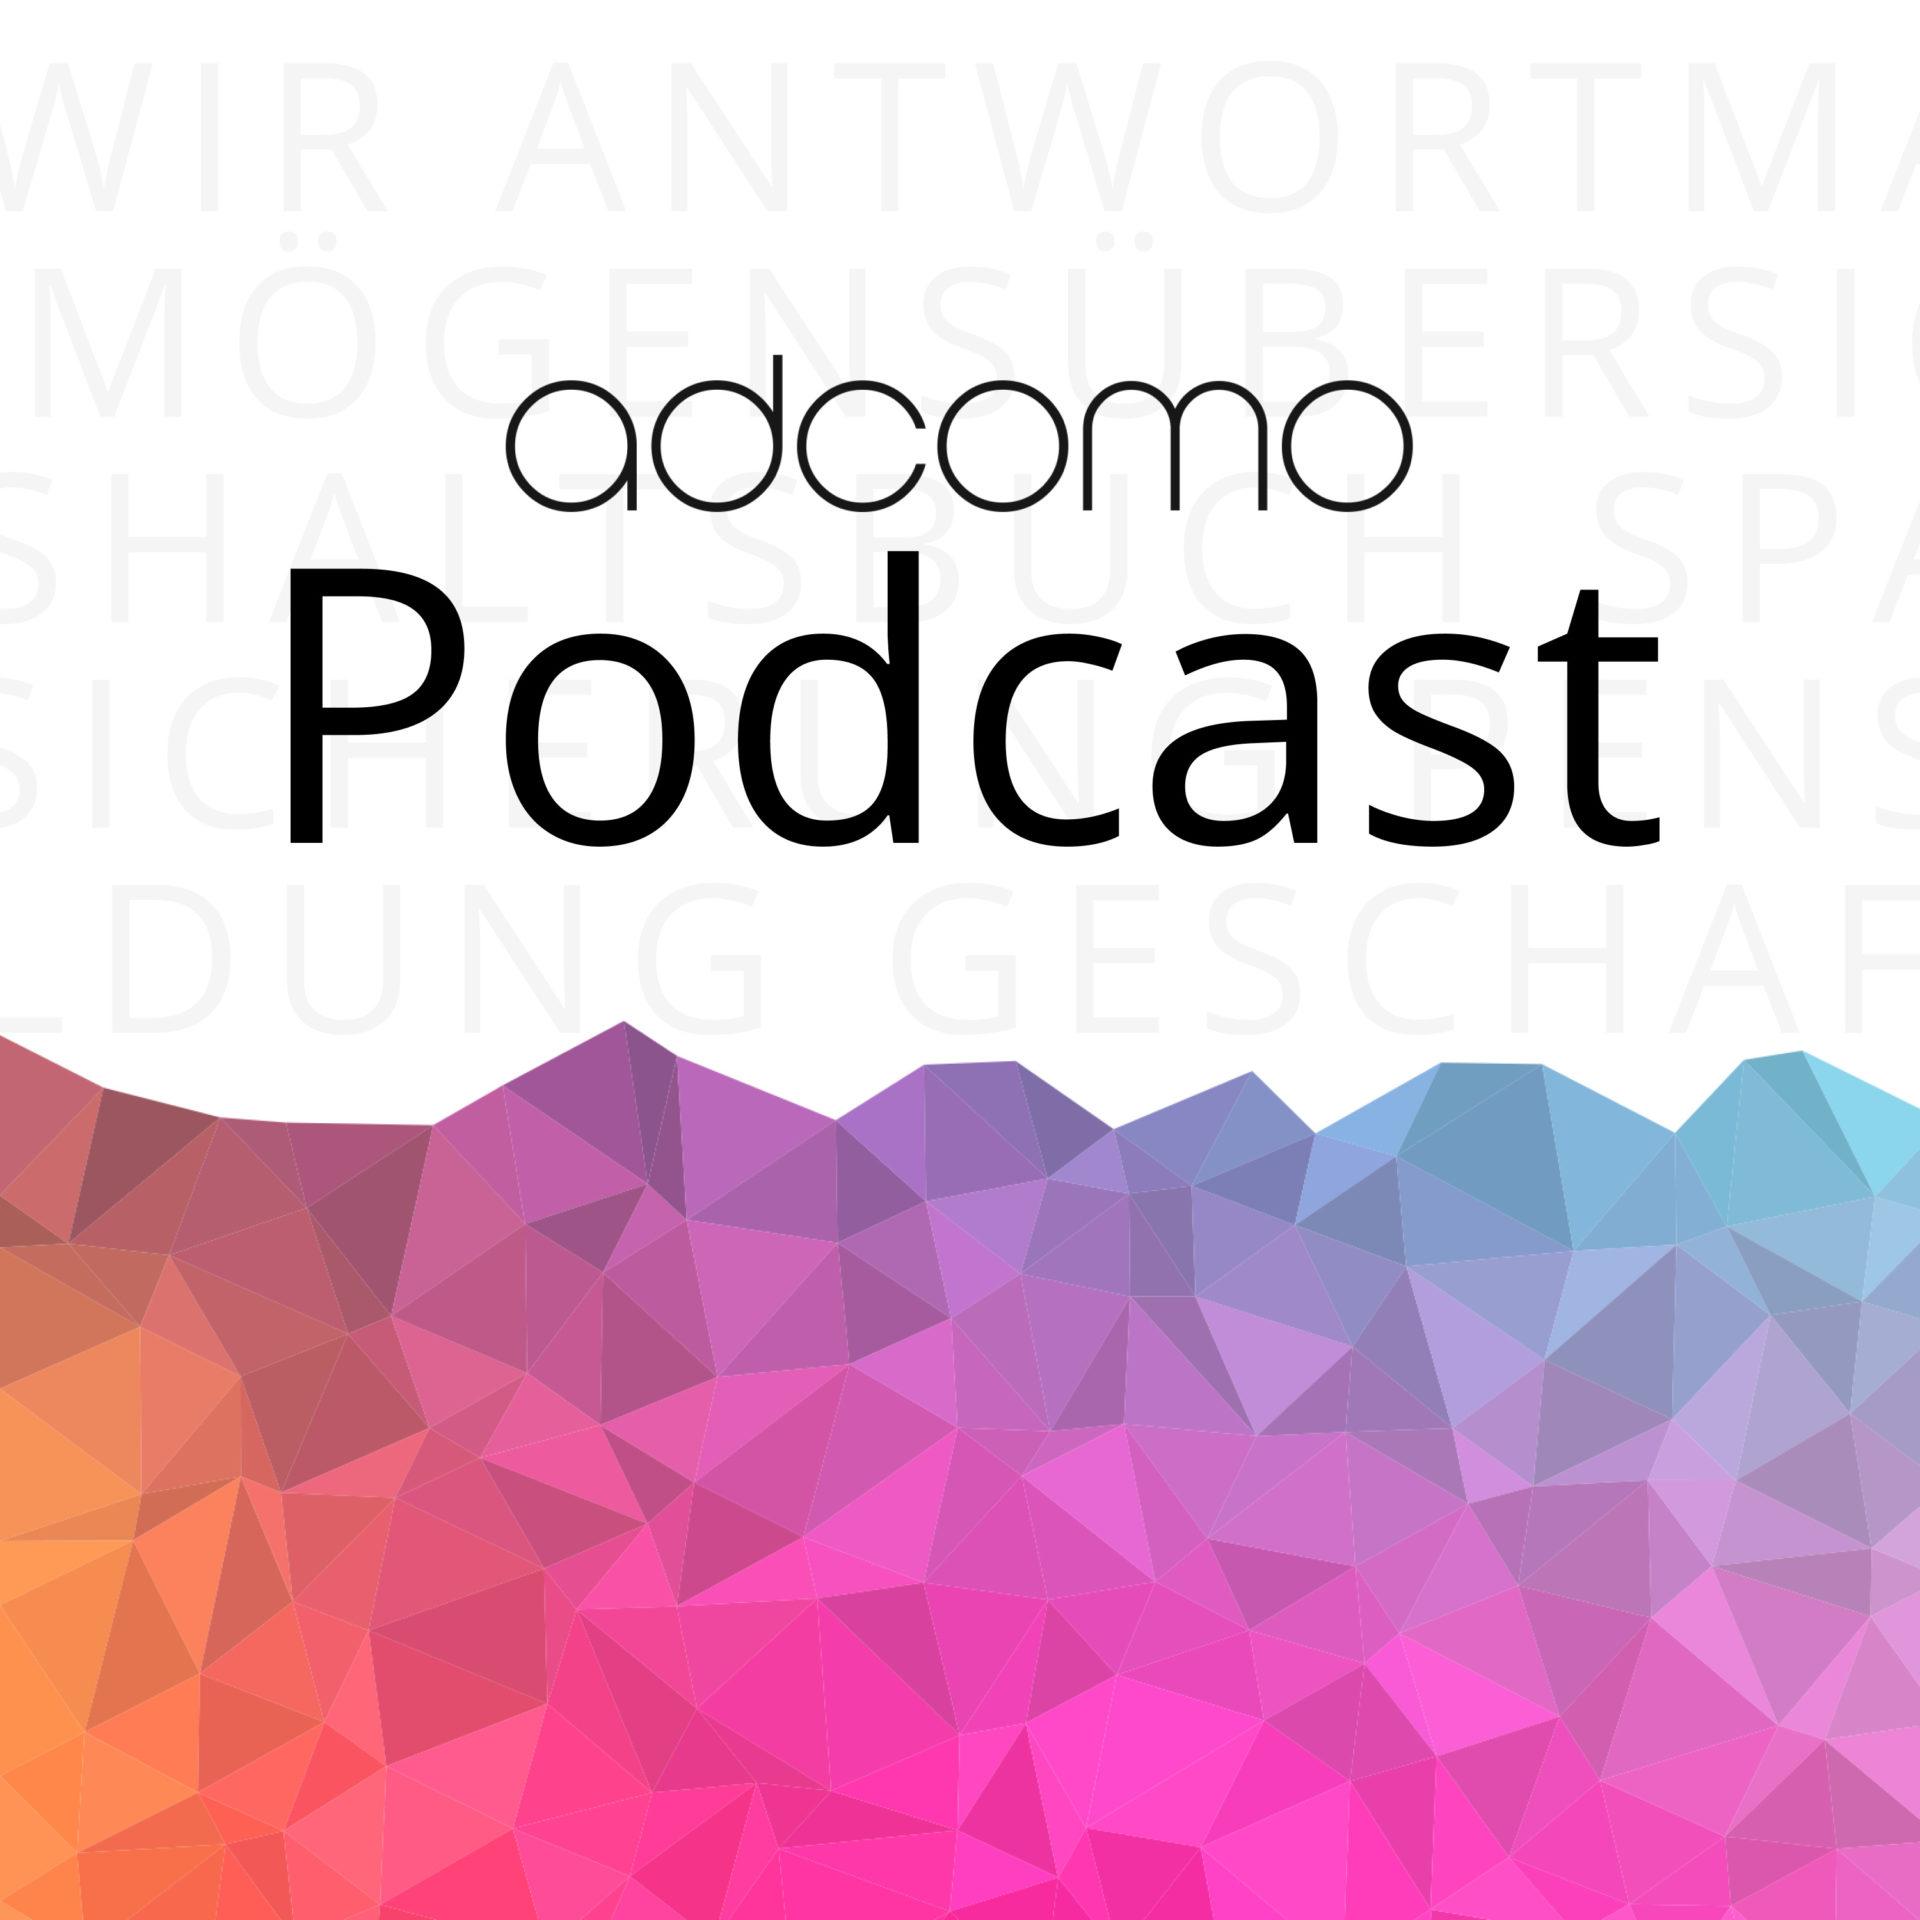 adcomo Podcast Artwork